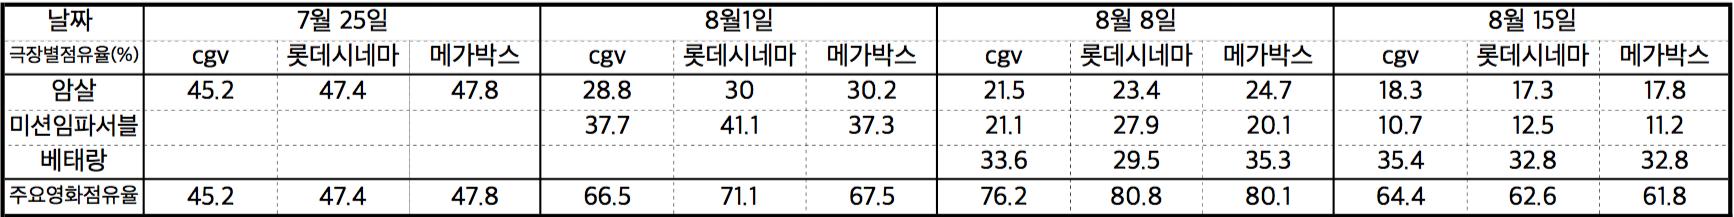 표2 극장별 점유율.jpg